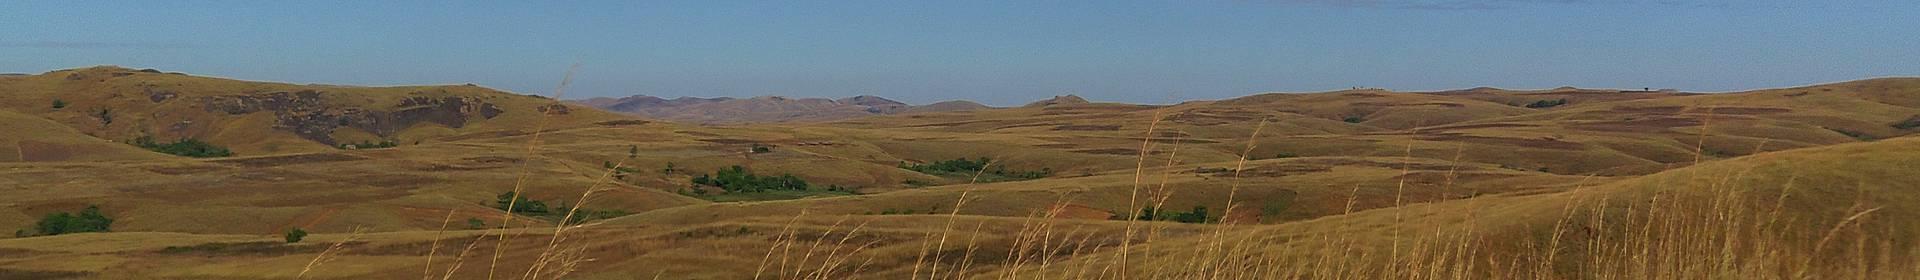 Plateau de Tampoketsa